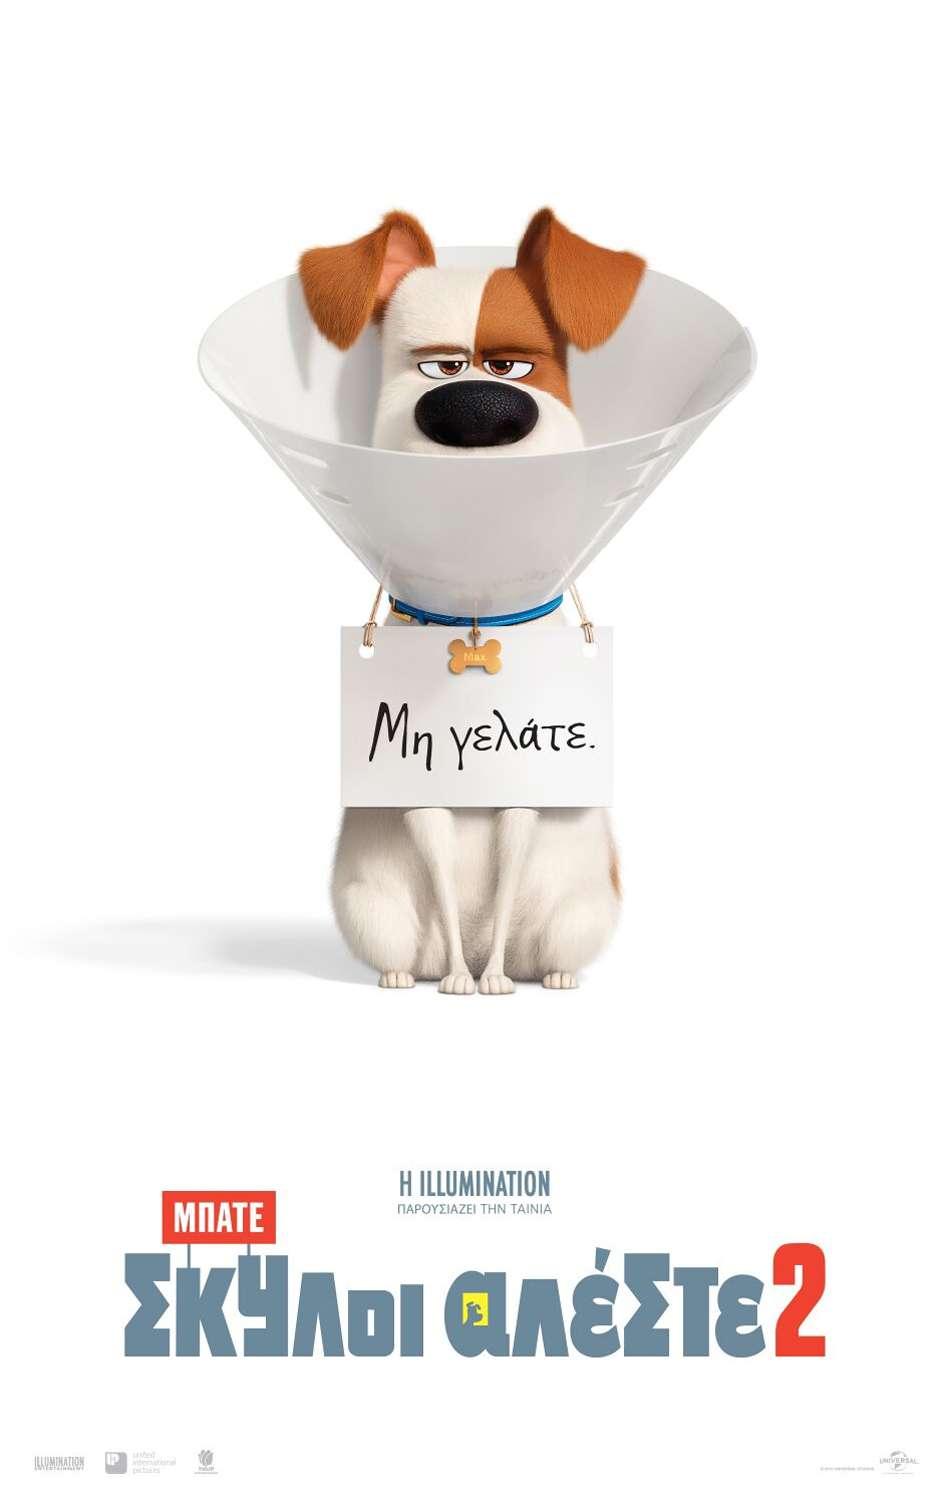 Μπάτε Σκύλοι Αλέστε 2 (The Secret Life of Pets 2) - Trailer / Τρέιλερ Poster